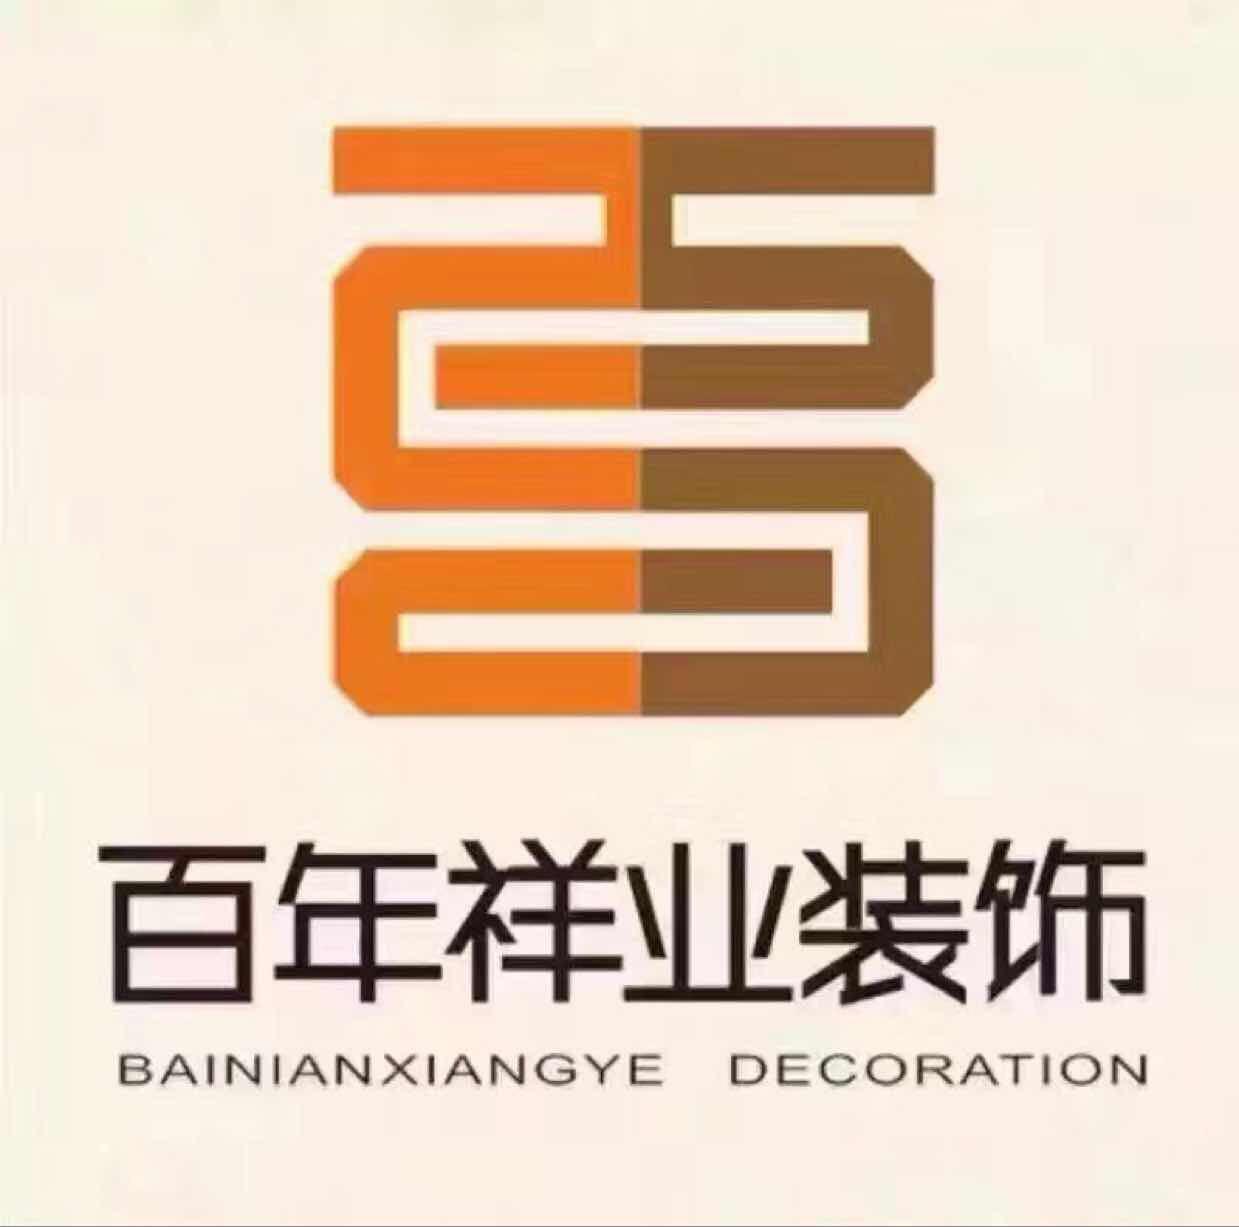 福州百年祥業裝飾工程有限公司